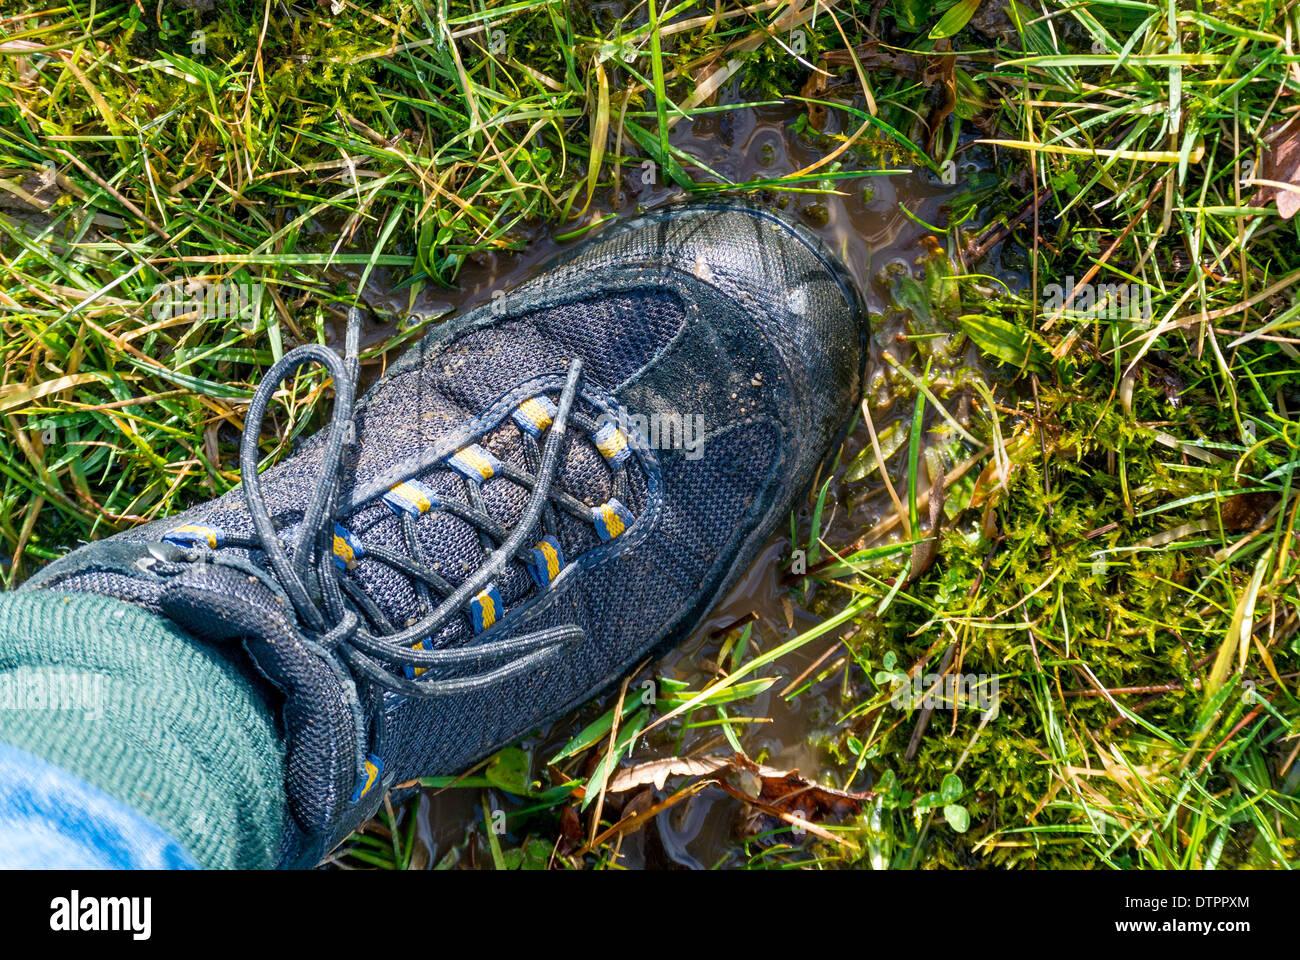 Arranque en tierra mojada con agua de la tierra recogida en la hierba. Imagen De Stock